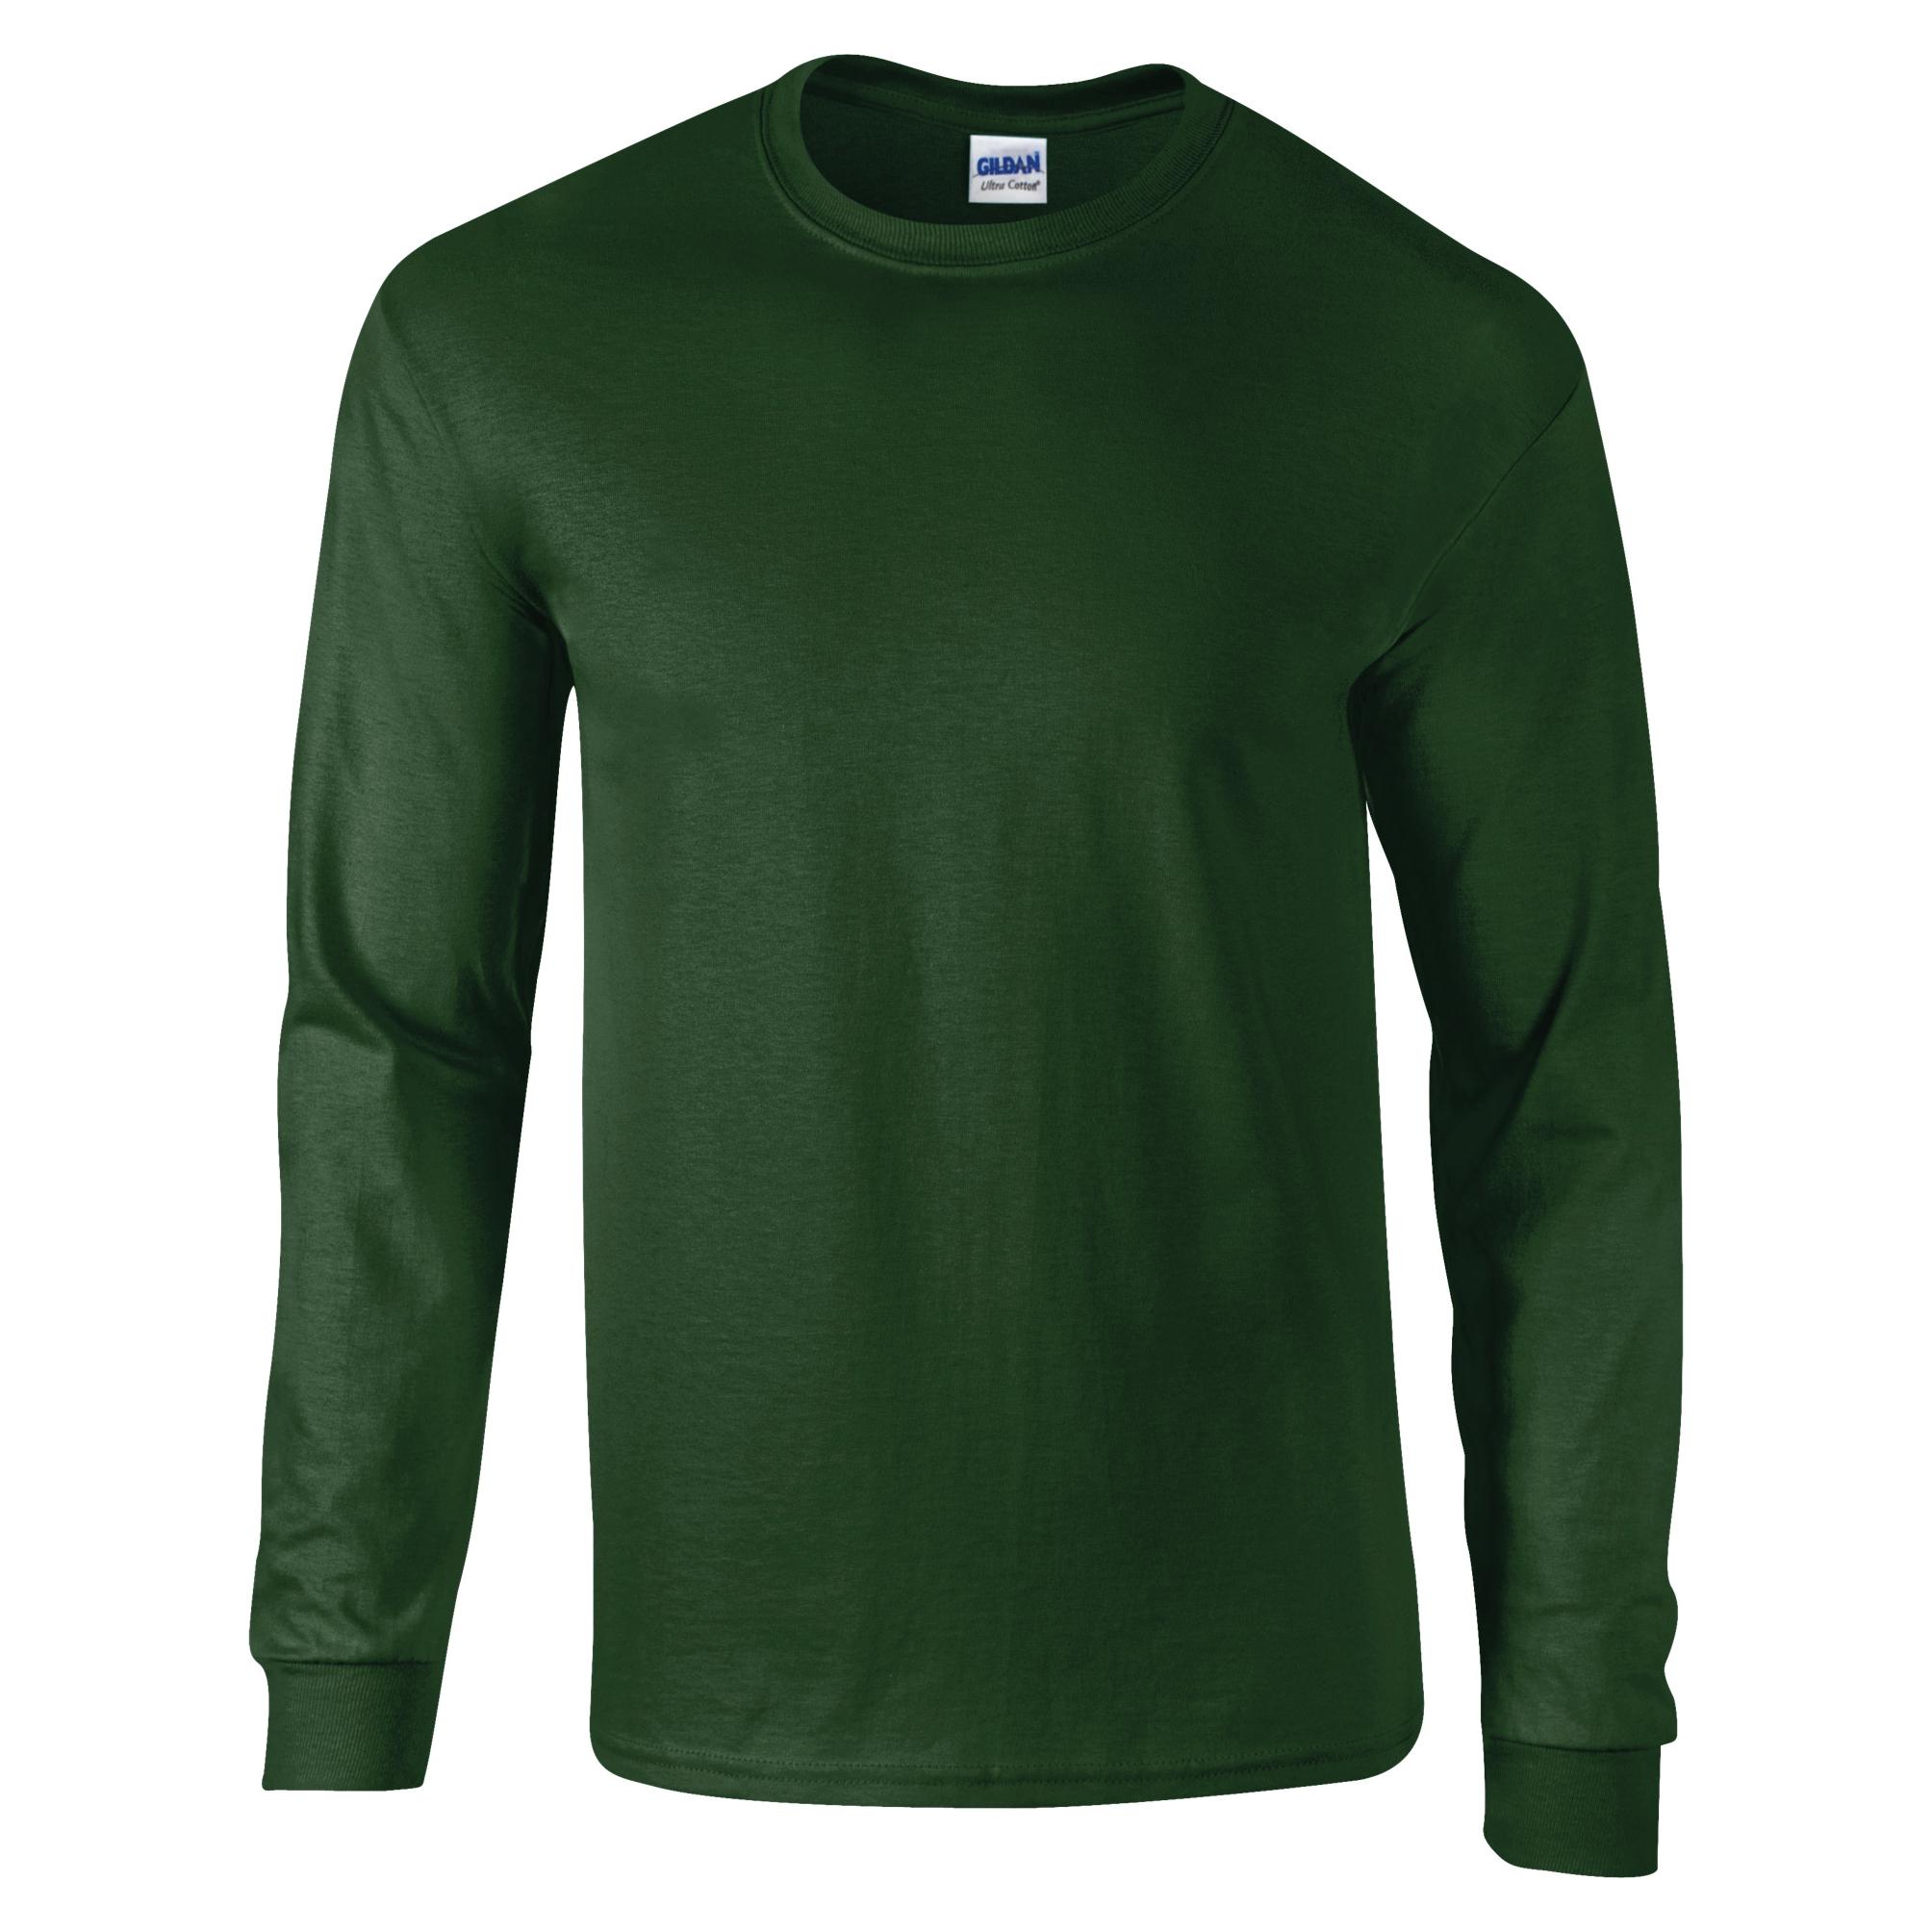 Gildan ultra cotton mens long sleeve crew neck t shirt 100 for Green mens t shirt